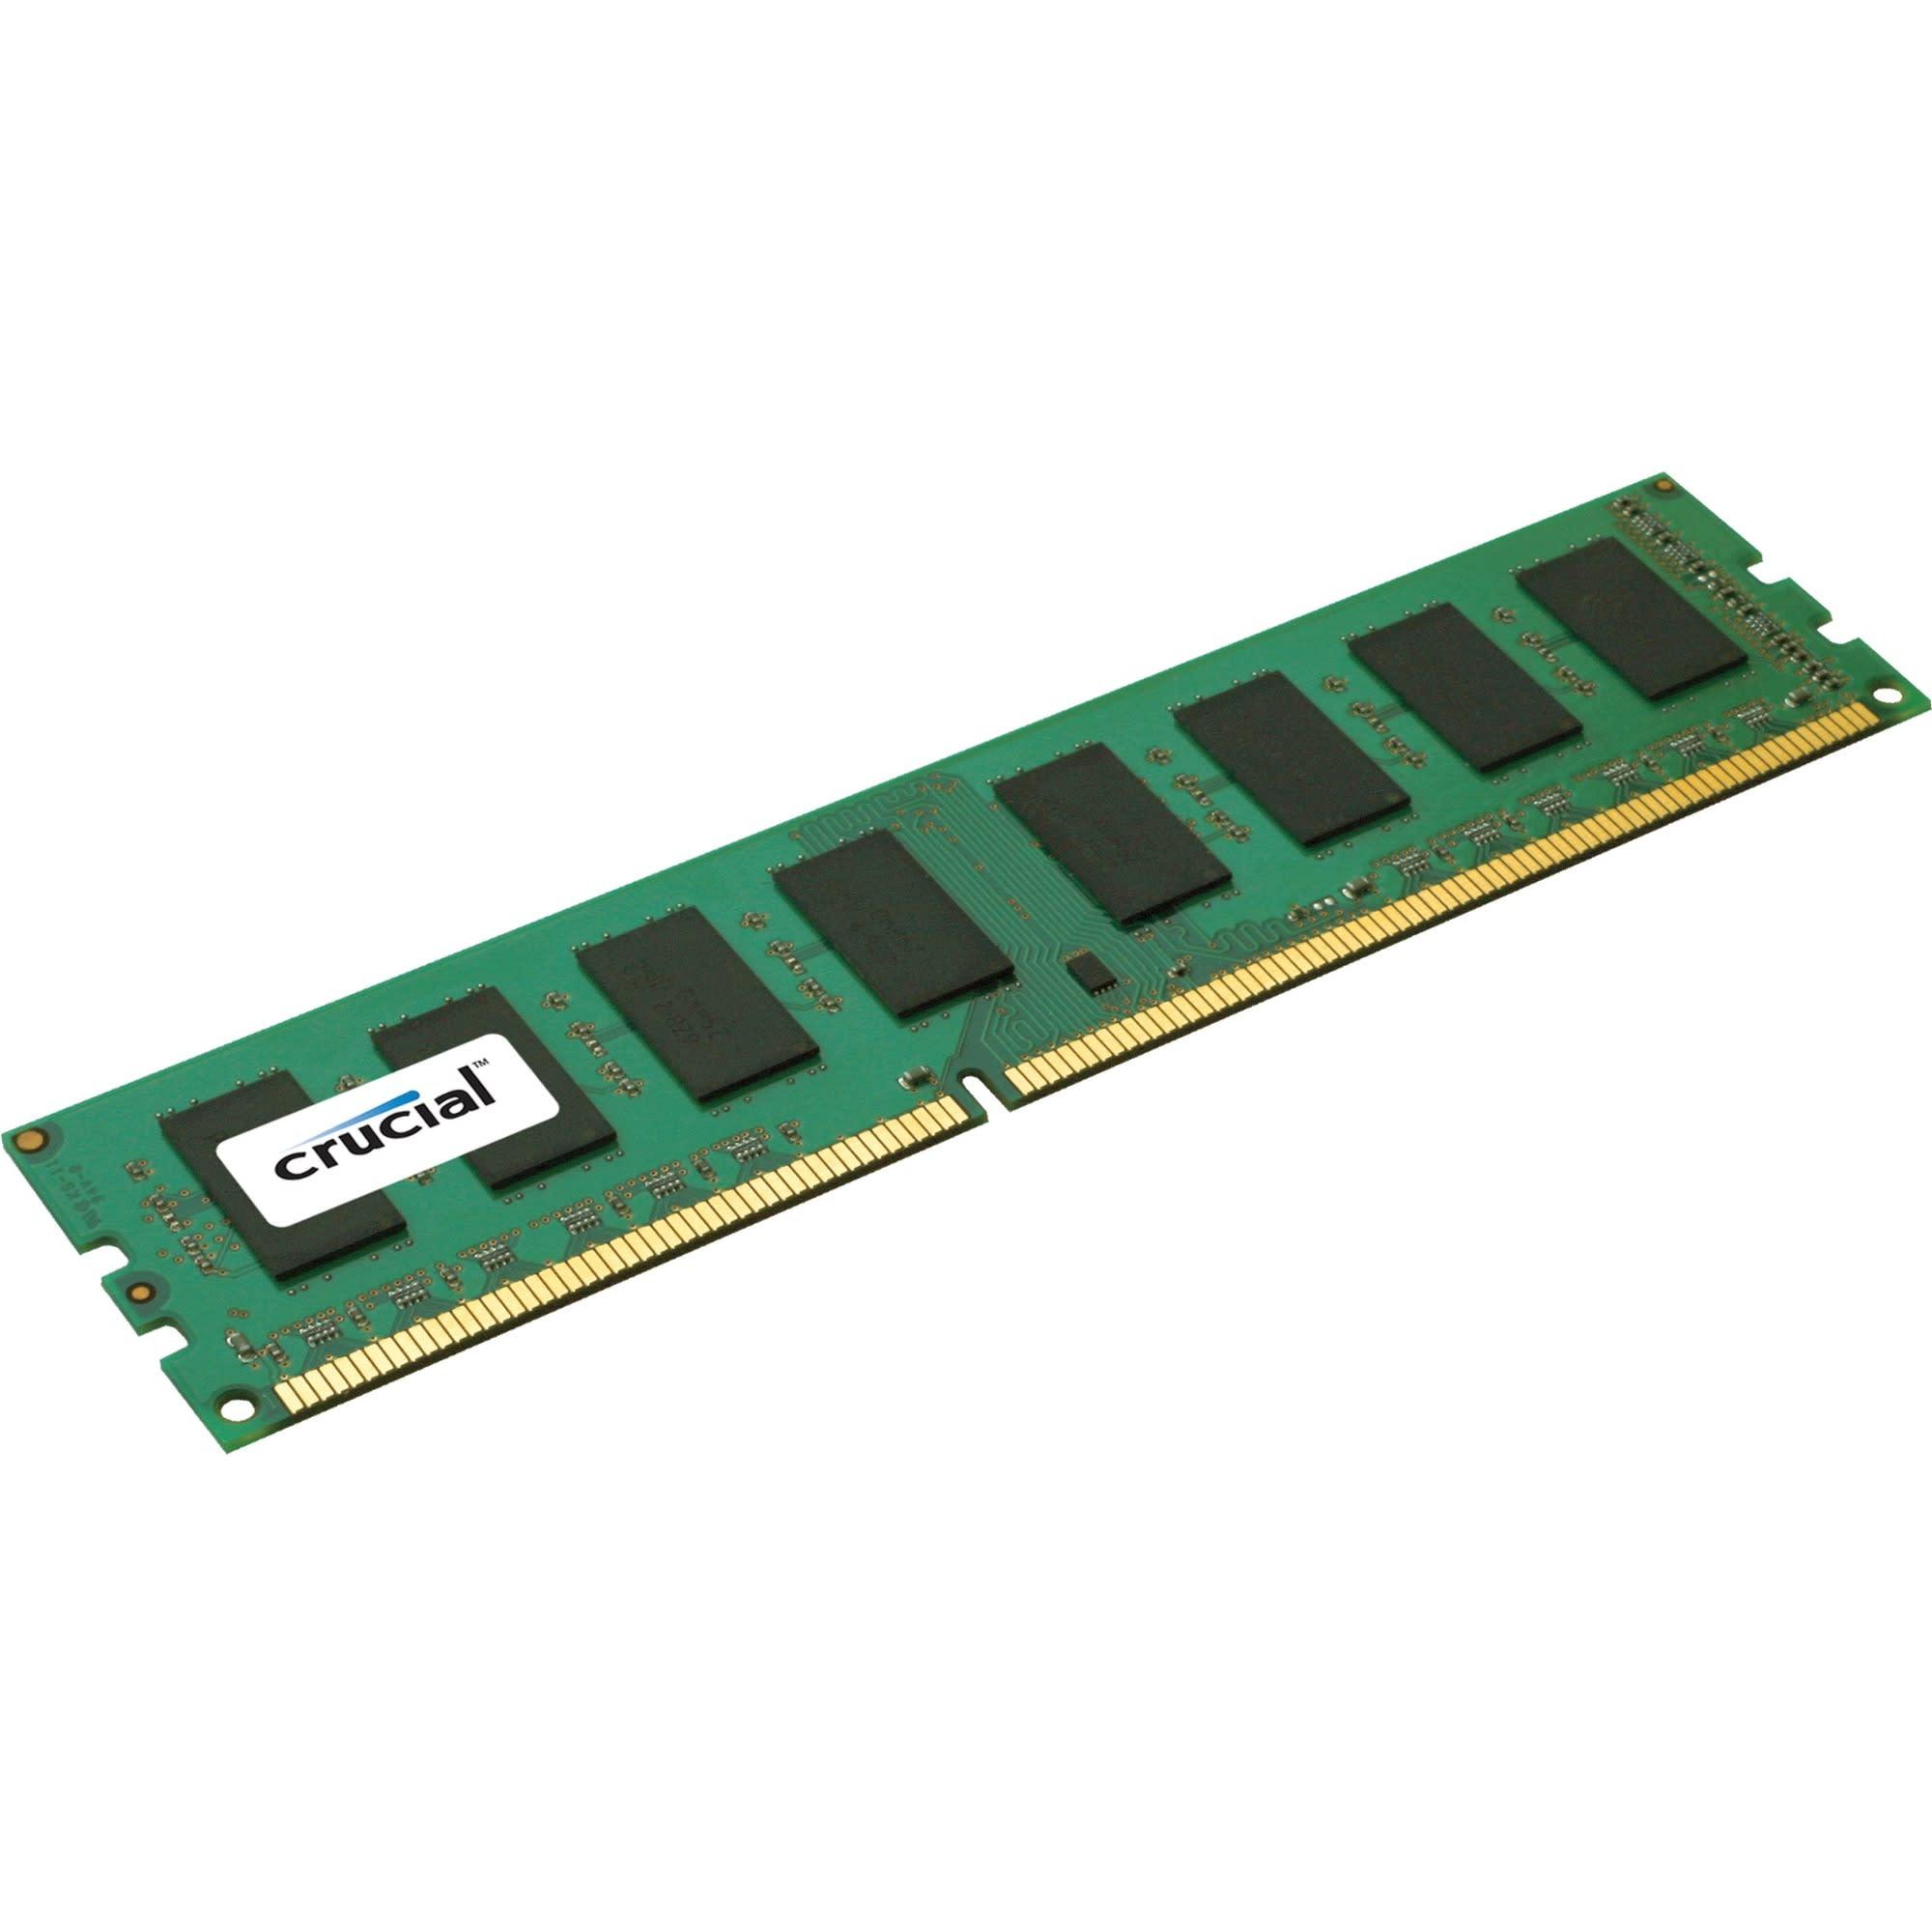 Crucial 8GB DDR3 SDRAM Memory Module - For Server - 8 GB - DDR3-1600/PC3-12800 DDR3 SDRAM - CL11 - ECC - Unbuffered - 240-pin - DIMM